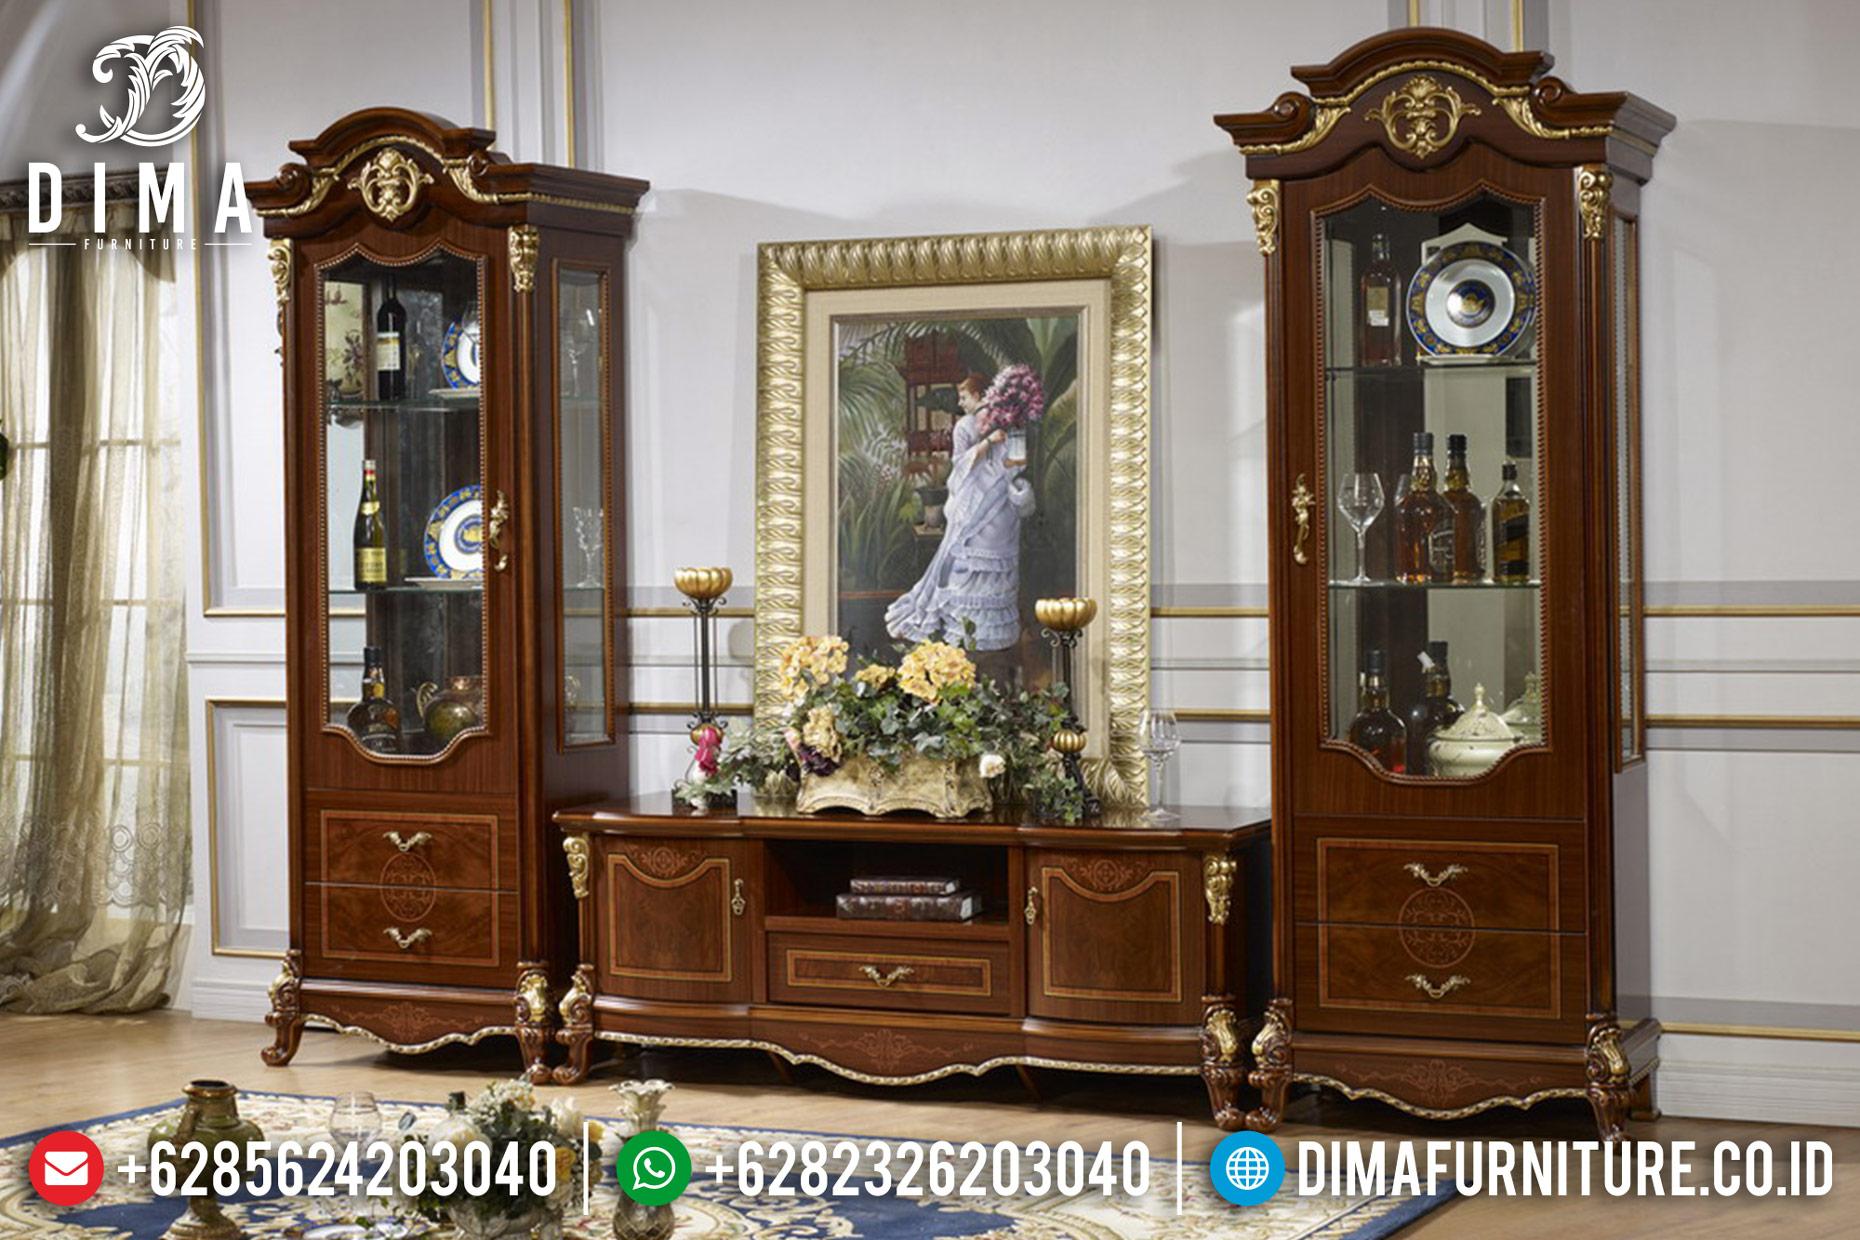 Bufet TV Jati Jepara, Bufet TV Mewah Jepara, Lemari Hias Jati Natural DF-0828